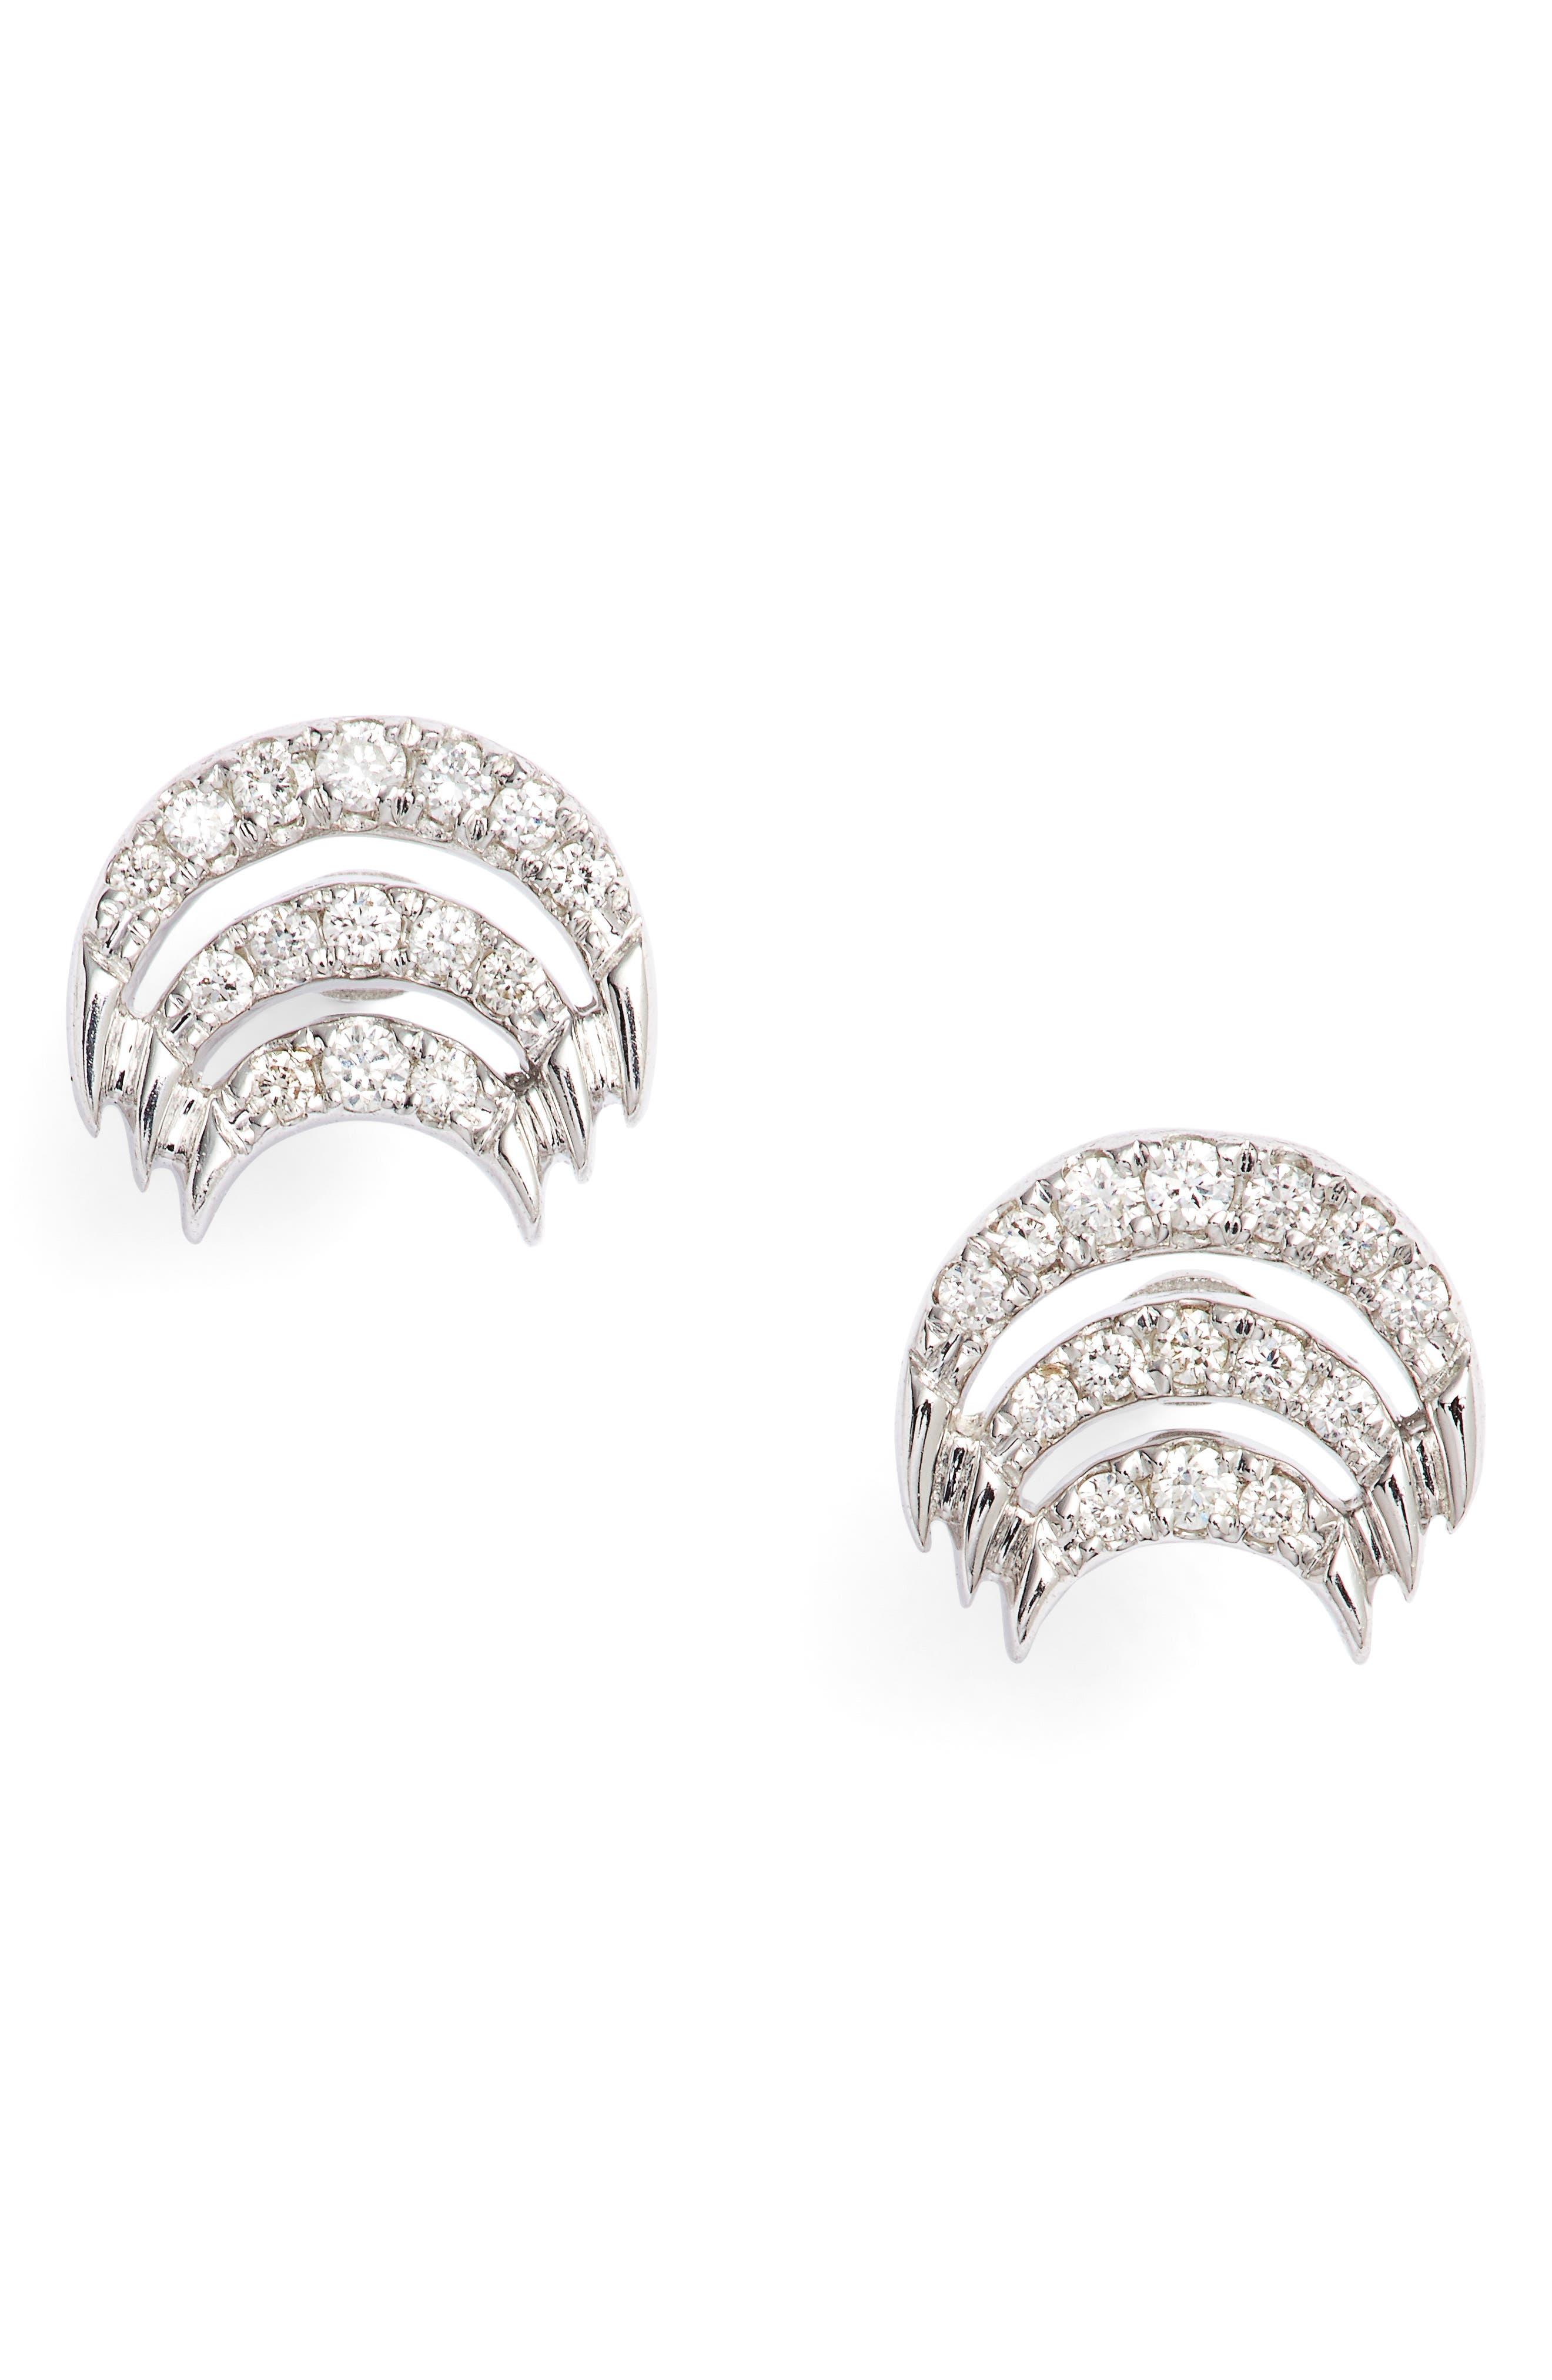 Isla Rio Diamond Stud Earrings,                             Main thumbnail 2, color,